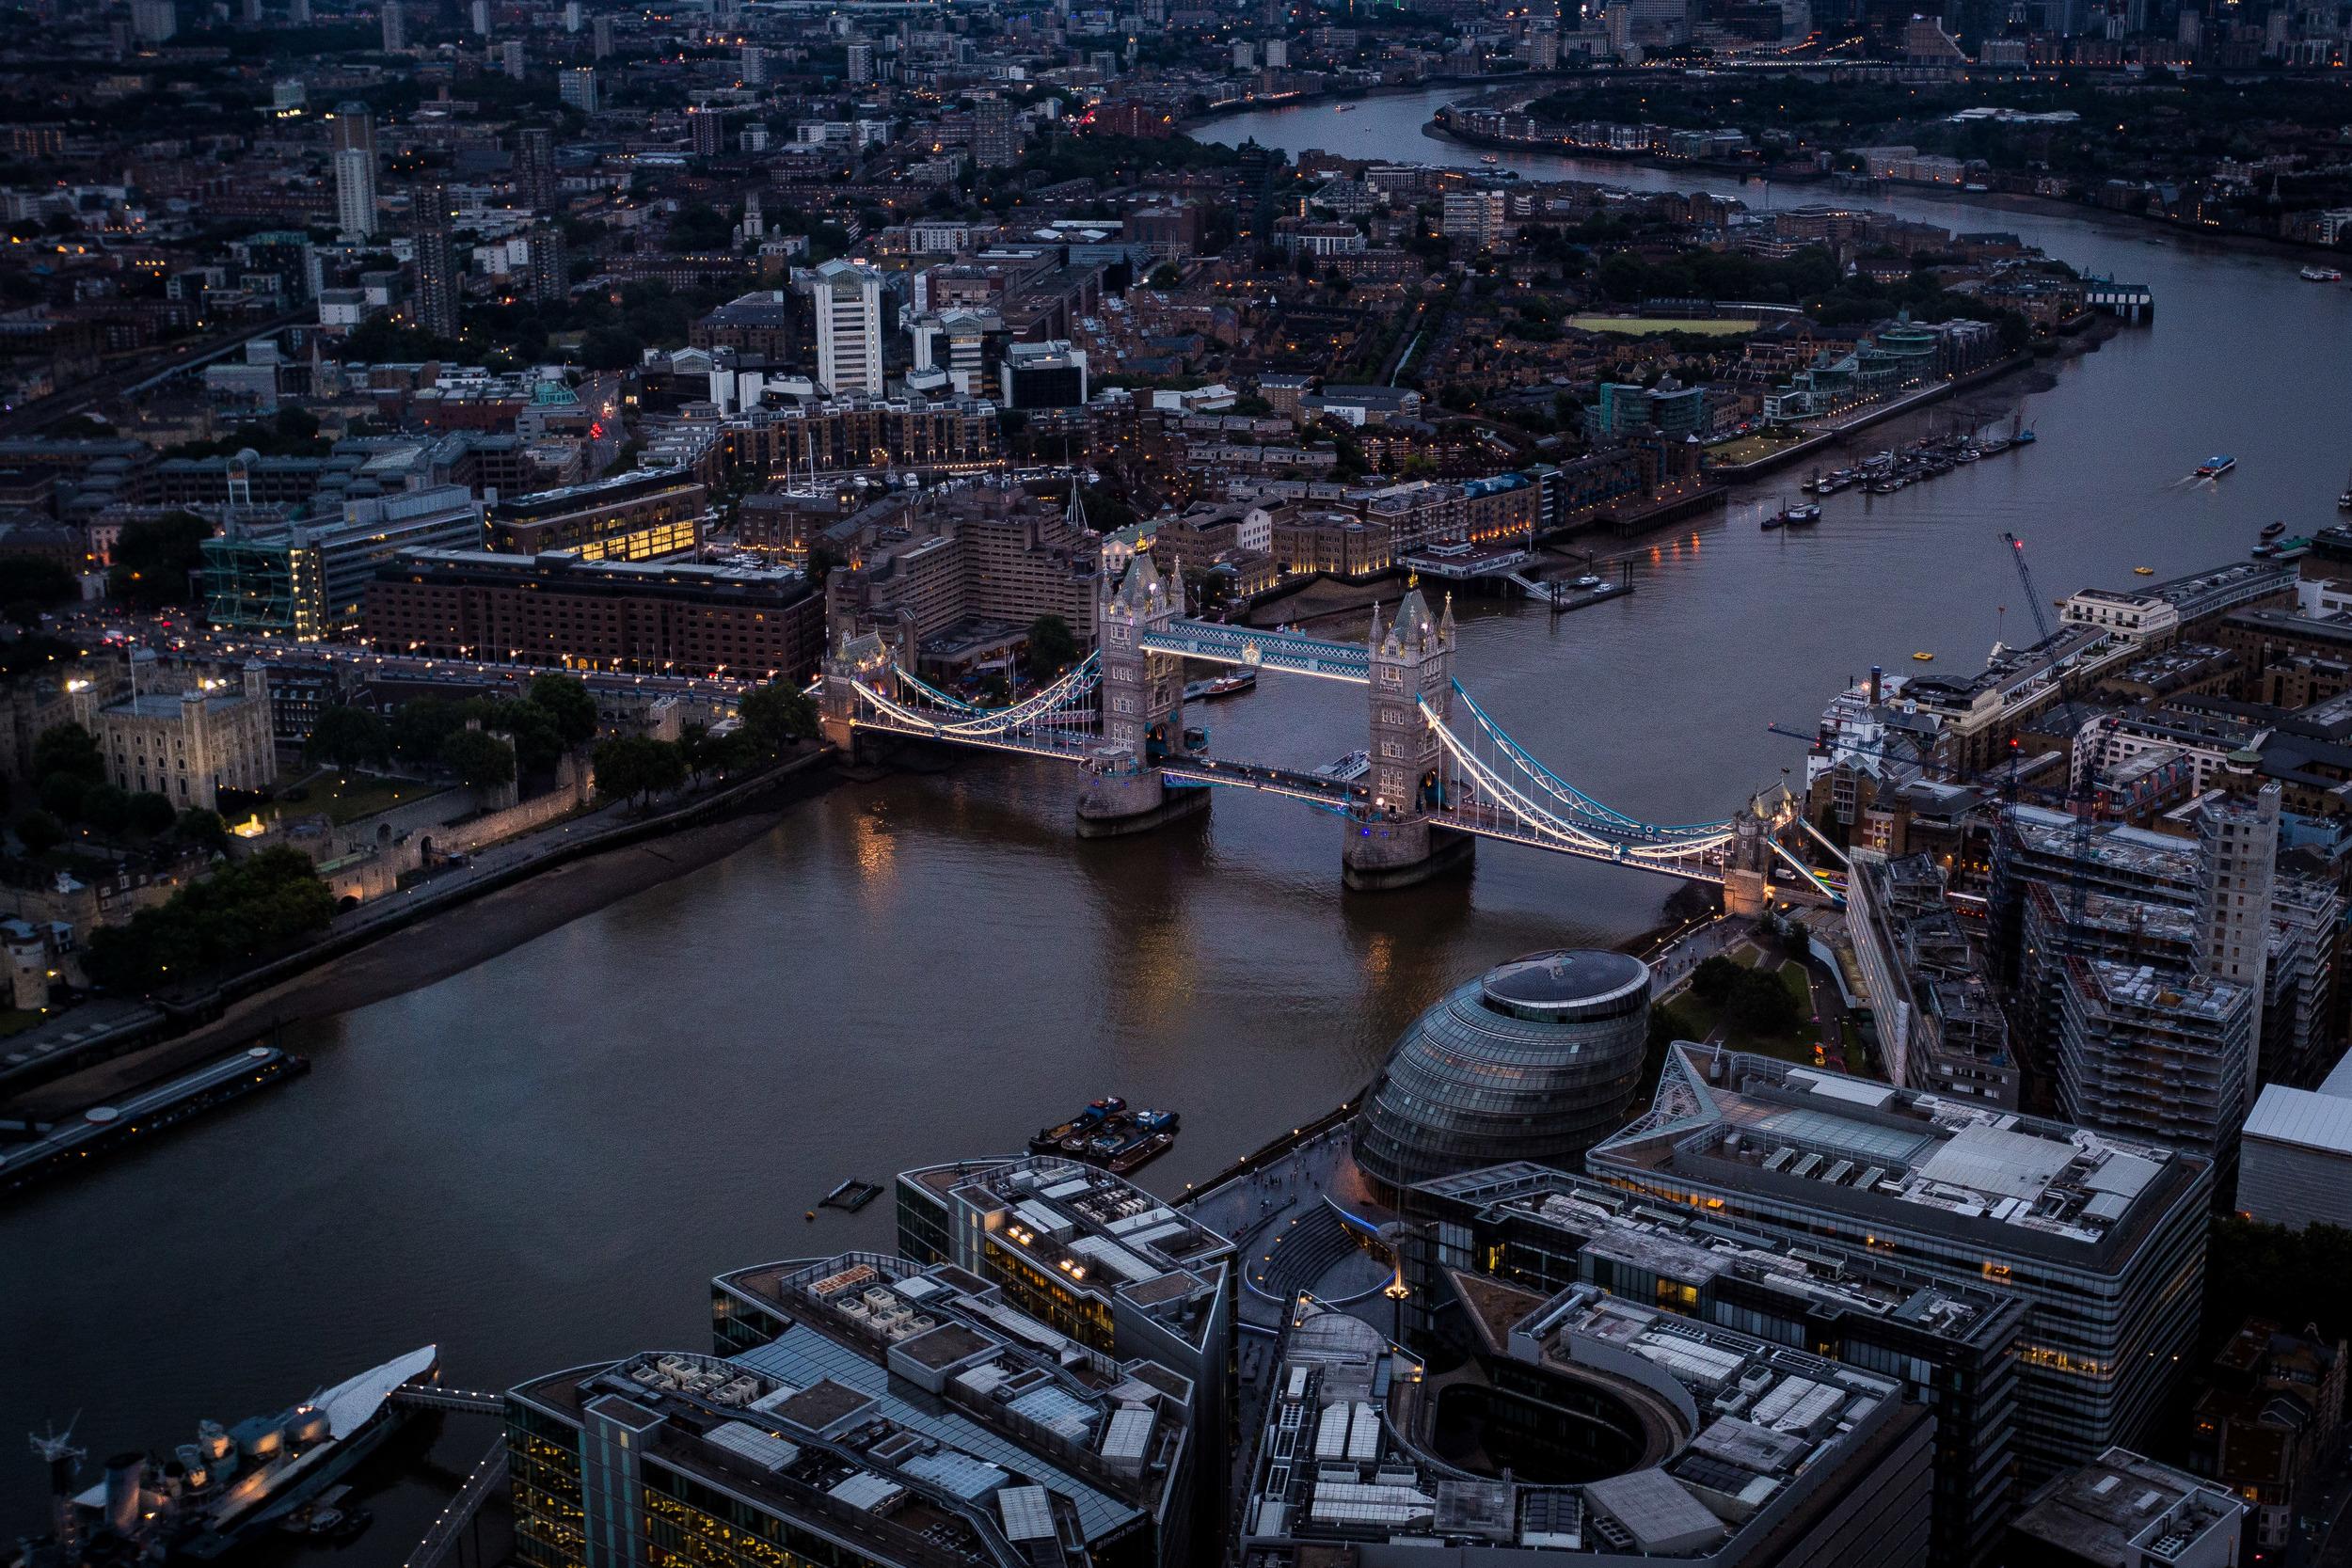 London Bridge Aerial Shot